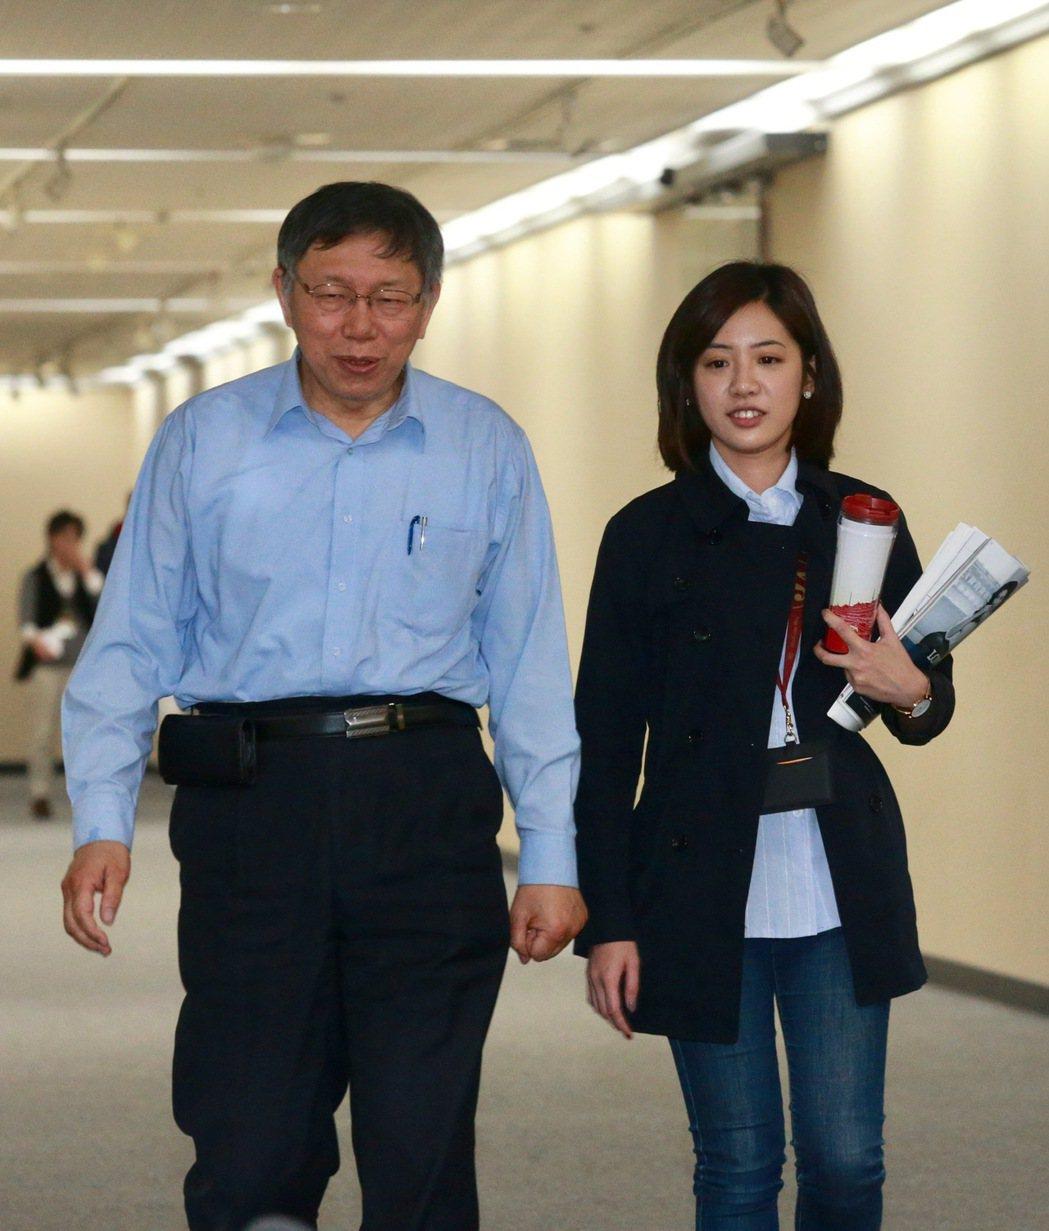 「學姐」黃瀞瑩(右)是柯文哲市長(左)的得力助手。圖/聯合報系資料照